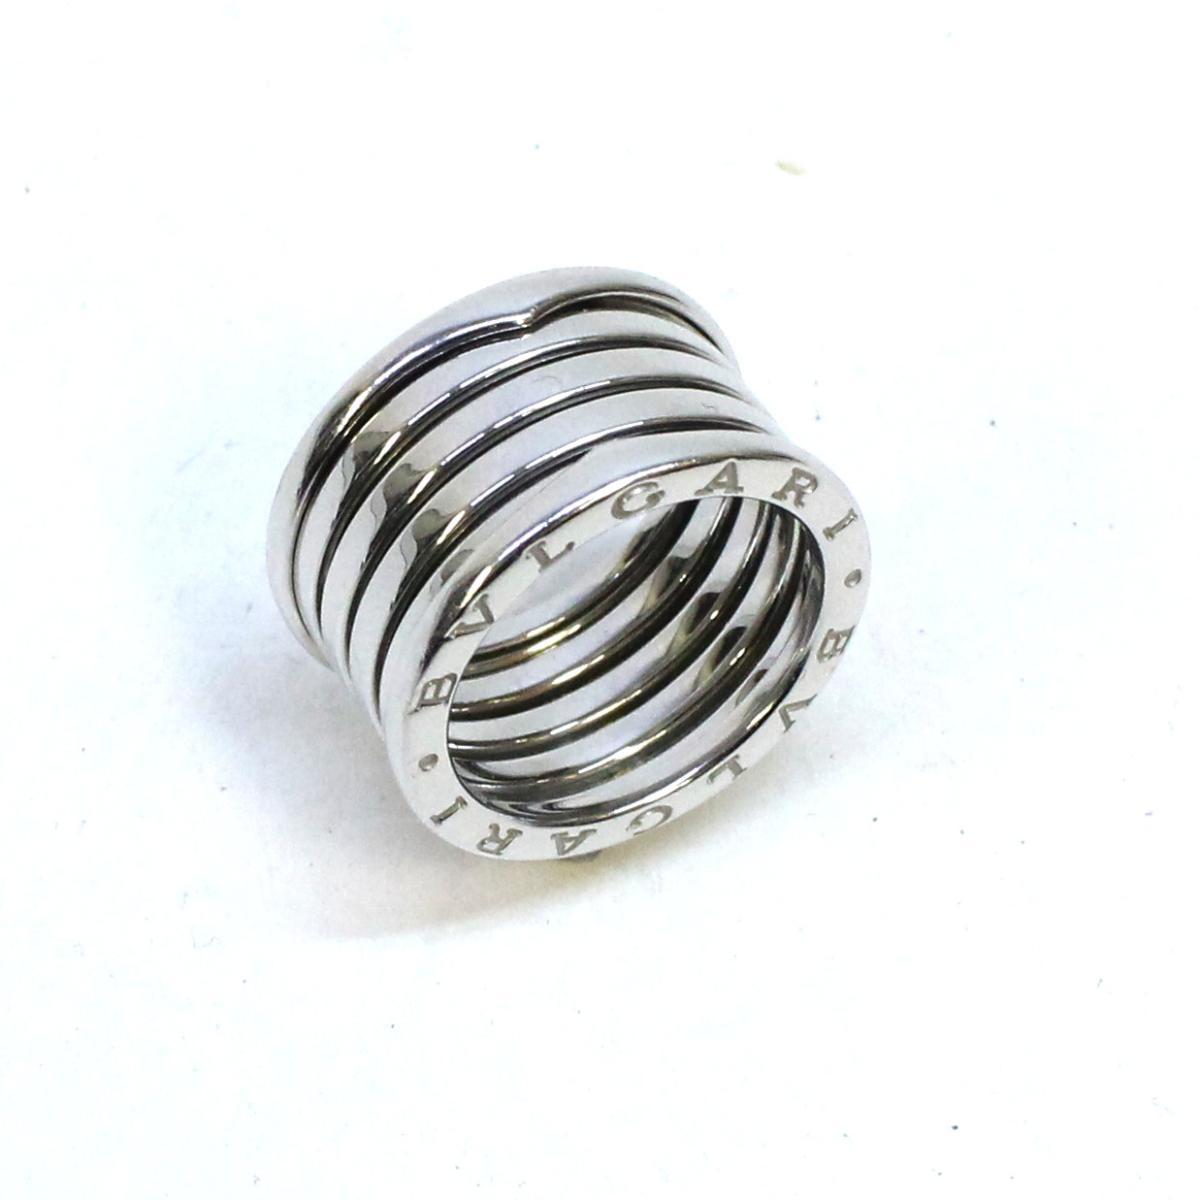 【中古】 ブルガリ B-zero1 リング L レディース K18WG (750) ホワイトゴールド シルバー | BVLGARI BRANDOFF ブランドオフ ブランド ジュエリー アクセサリー 指輪